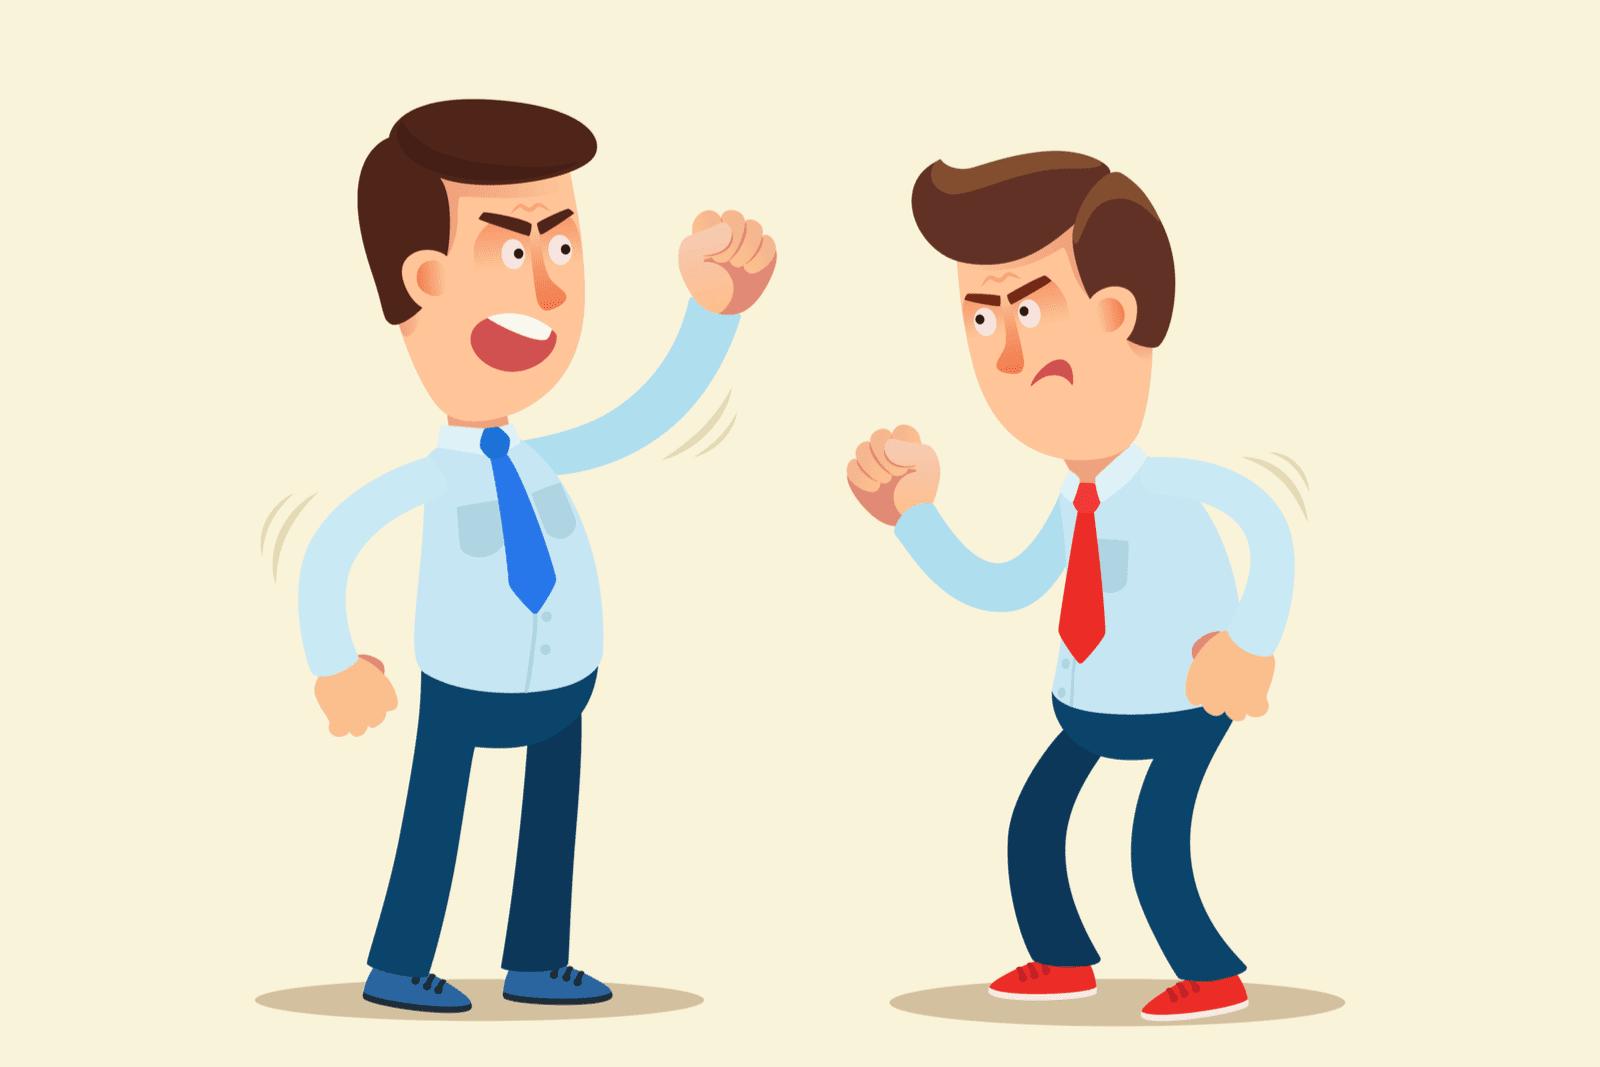 Berbagai Strategi Untuk Menghindari Konflik di Tempat Kerja